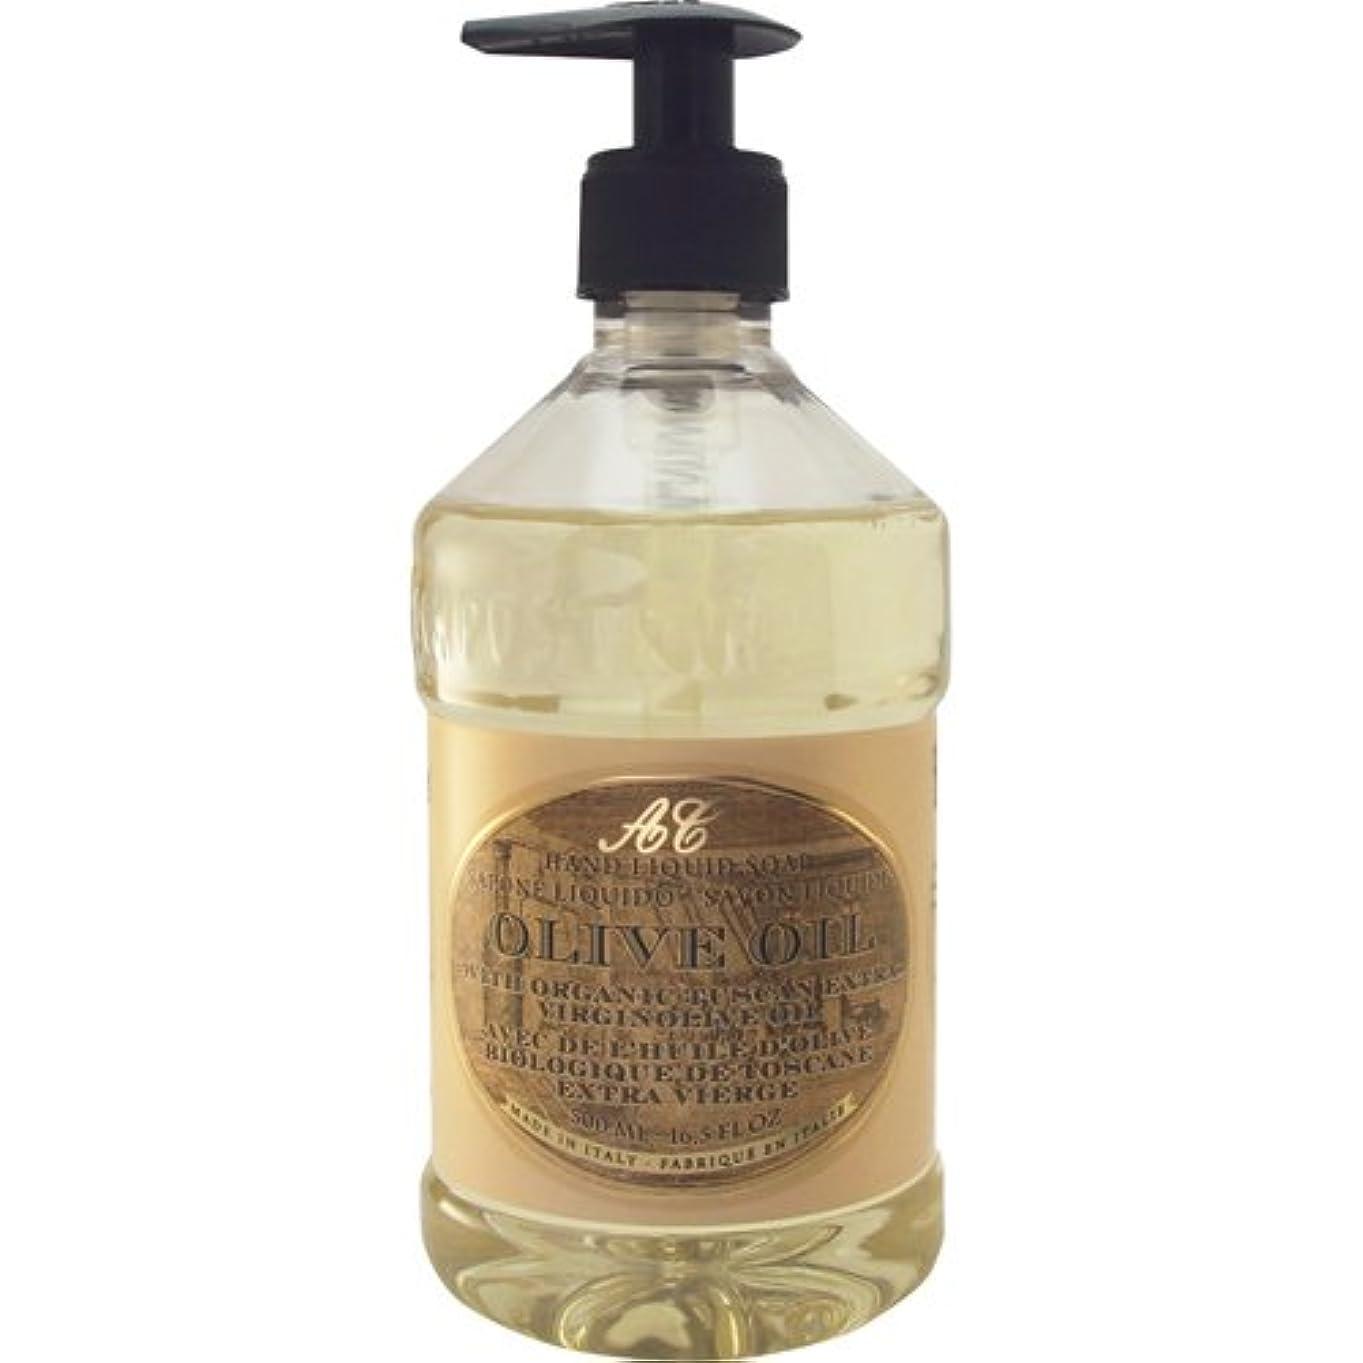 食べる偽造不道徳Saponerire Fissi レトロシリーズ Liquid Soap リキッドソープ 500ml Olive Oil オリーブオイル